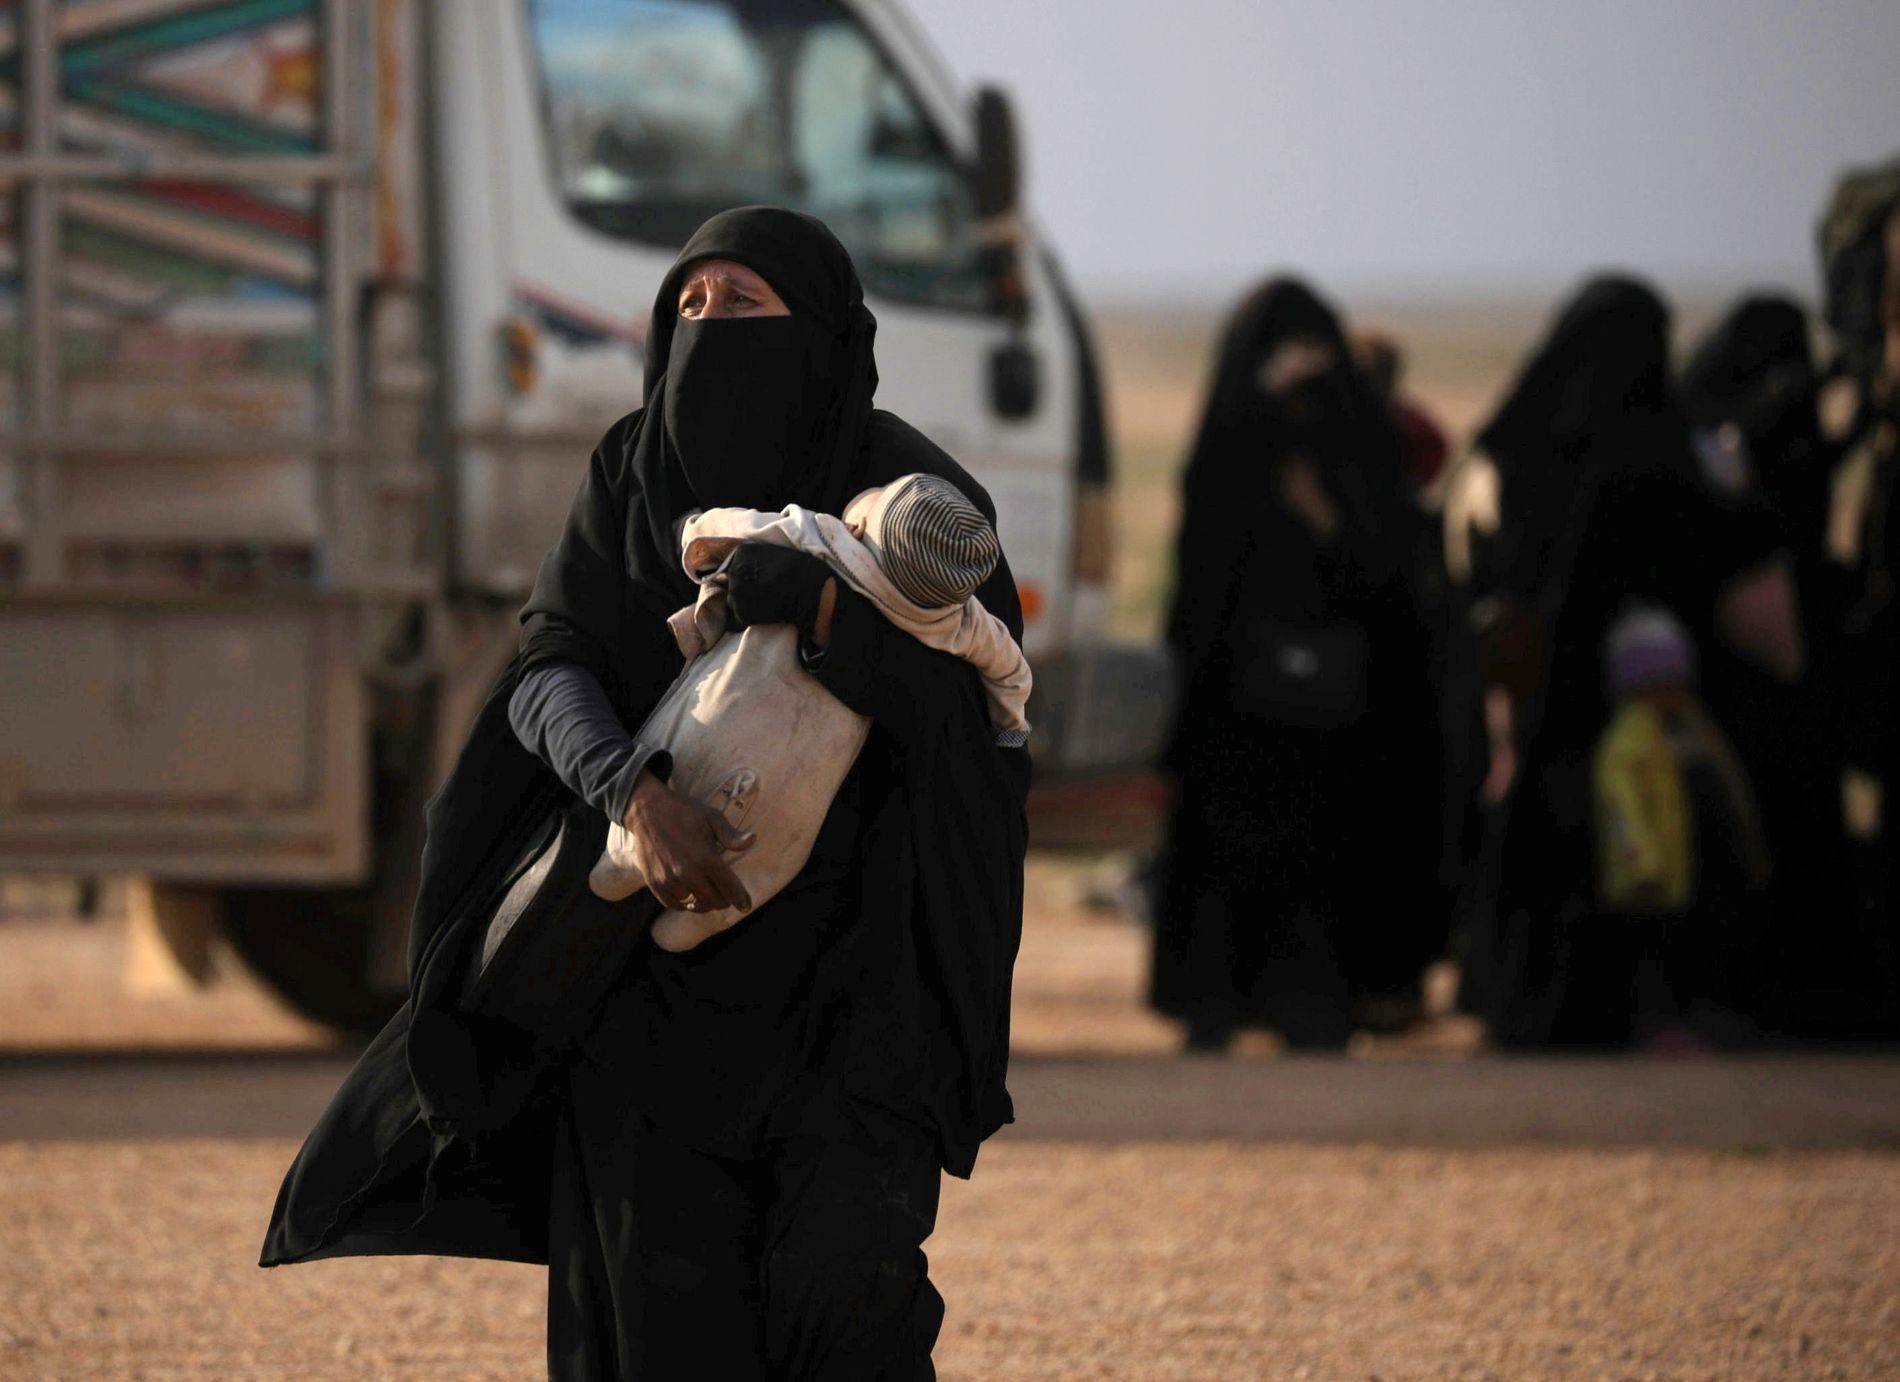 HVA MED BARNA? Hva skal skje med fremmedkrigerne nå som IS er utmanøvrert. Skal de få komme «hjem»? Skal de straffes der de er? Og hva med barna, spør kommentator Eirin Eikefjord.